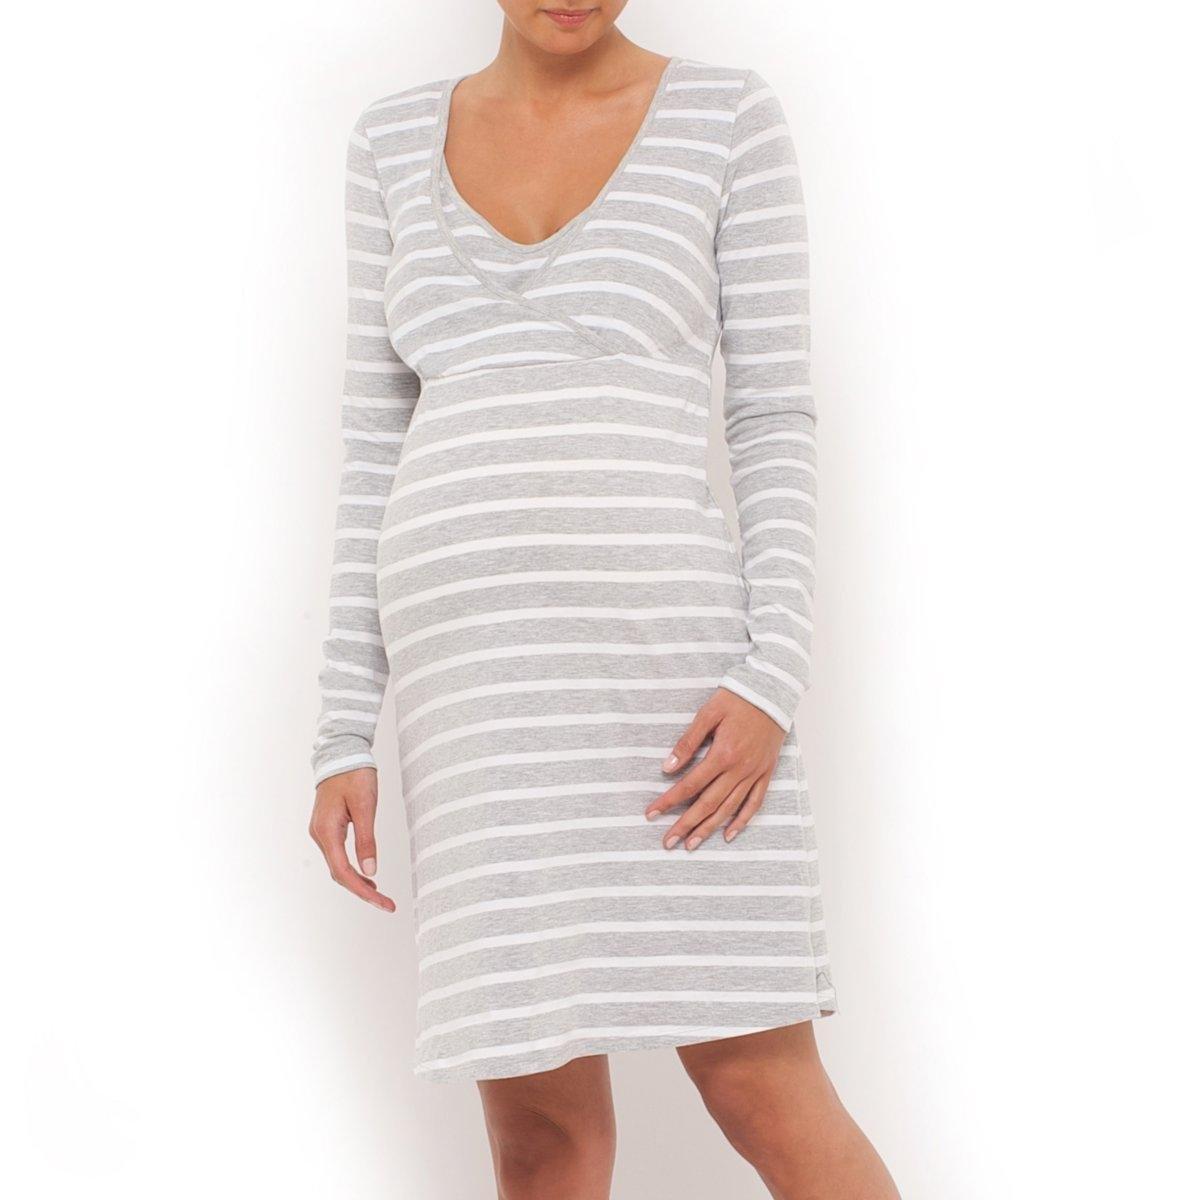 Ночная рубашка для периода беременности и кормления грудьюНочная рубашка для периода беременности и кормления грудью из джерси 95% хлопка, 5% эластанаМашинная стирка. Знак Oeko-Tex*.    *Международный знак Oeko-Tex гарантирует отсутствие вредных или раздражающих кожу веществ<br><br>Цвет: серый/белый в полоску<br>Размер: 34/36 (FR) - 40/42 (RUS).42/44 (FR) - 48/50 (RUS).46/48 (FR) - 52/54 (RUS)